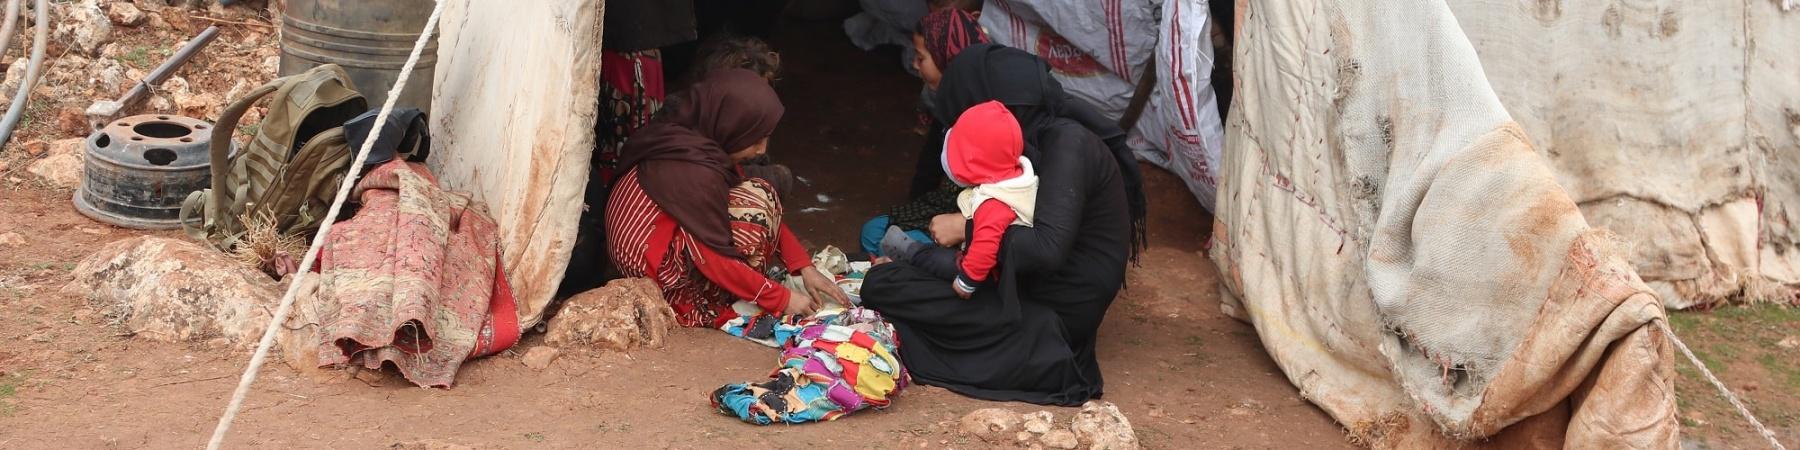 tenda in un campo profughi in Siria dove ci sono una mamma e i suoi bambini